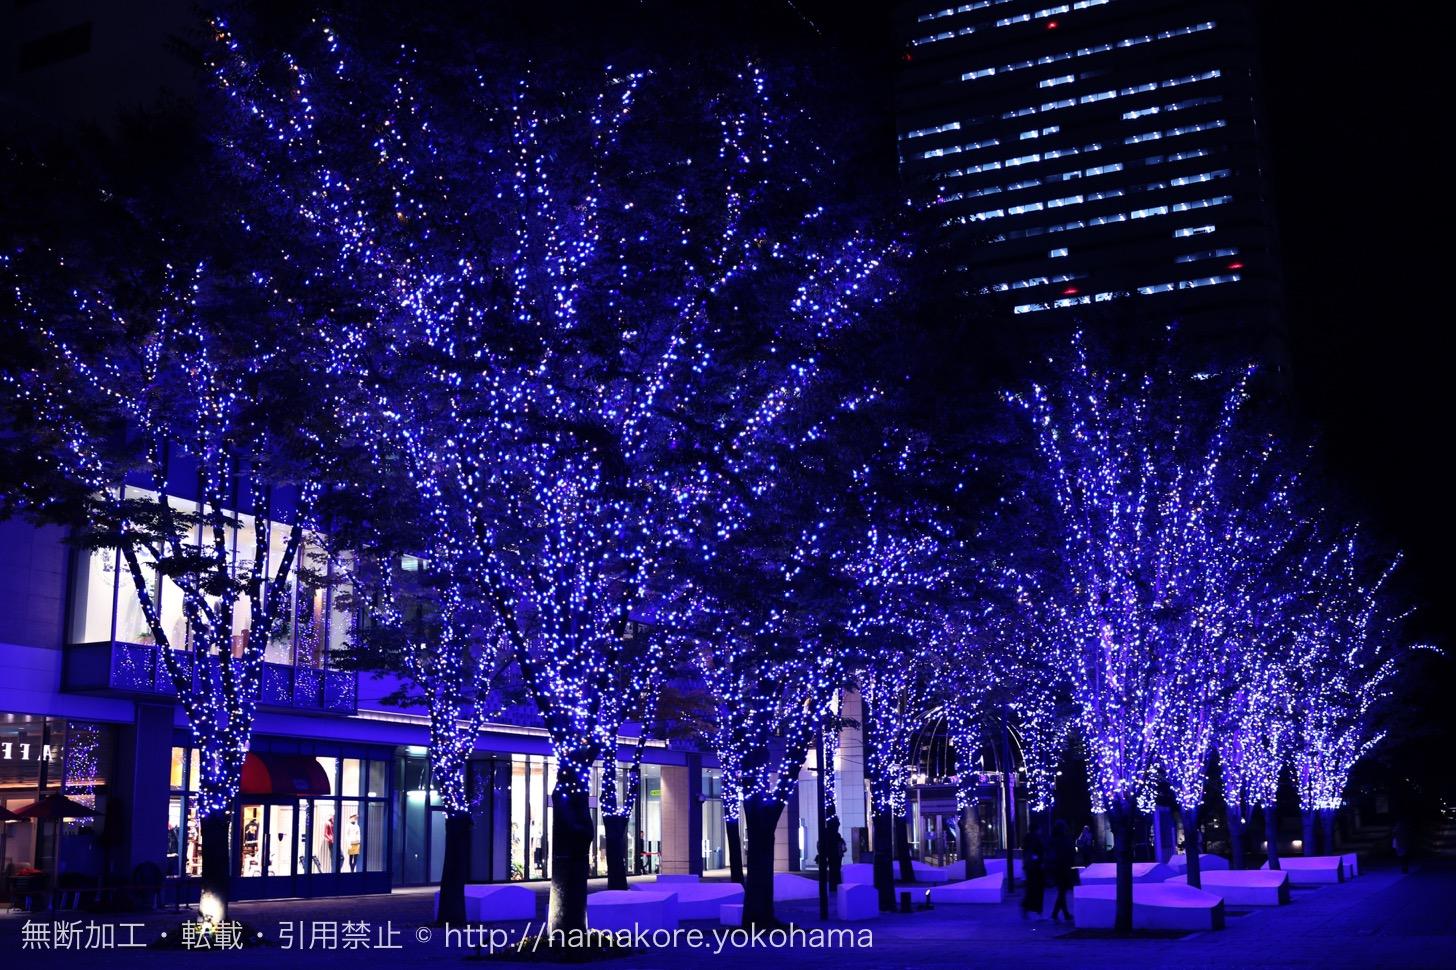 グランモール公園 Bright Illumination